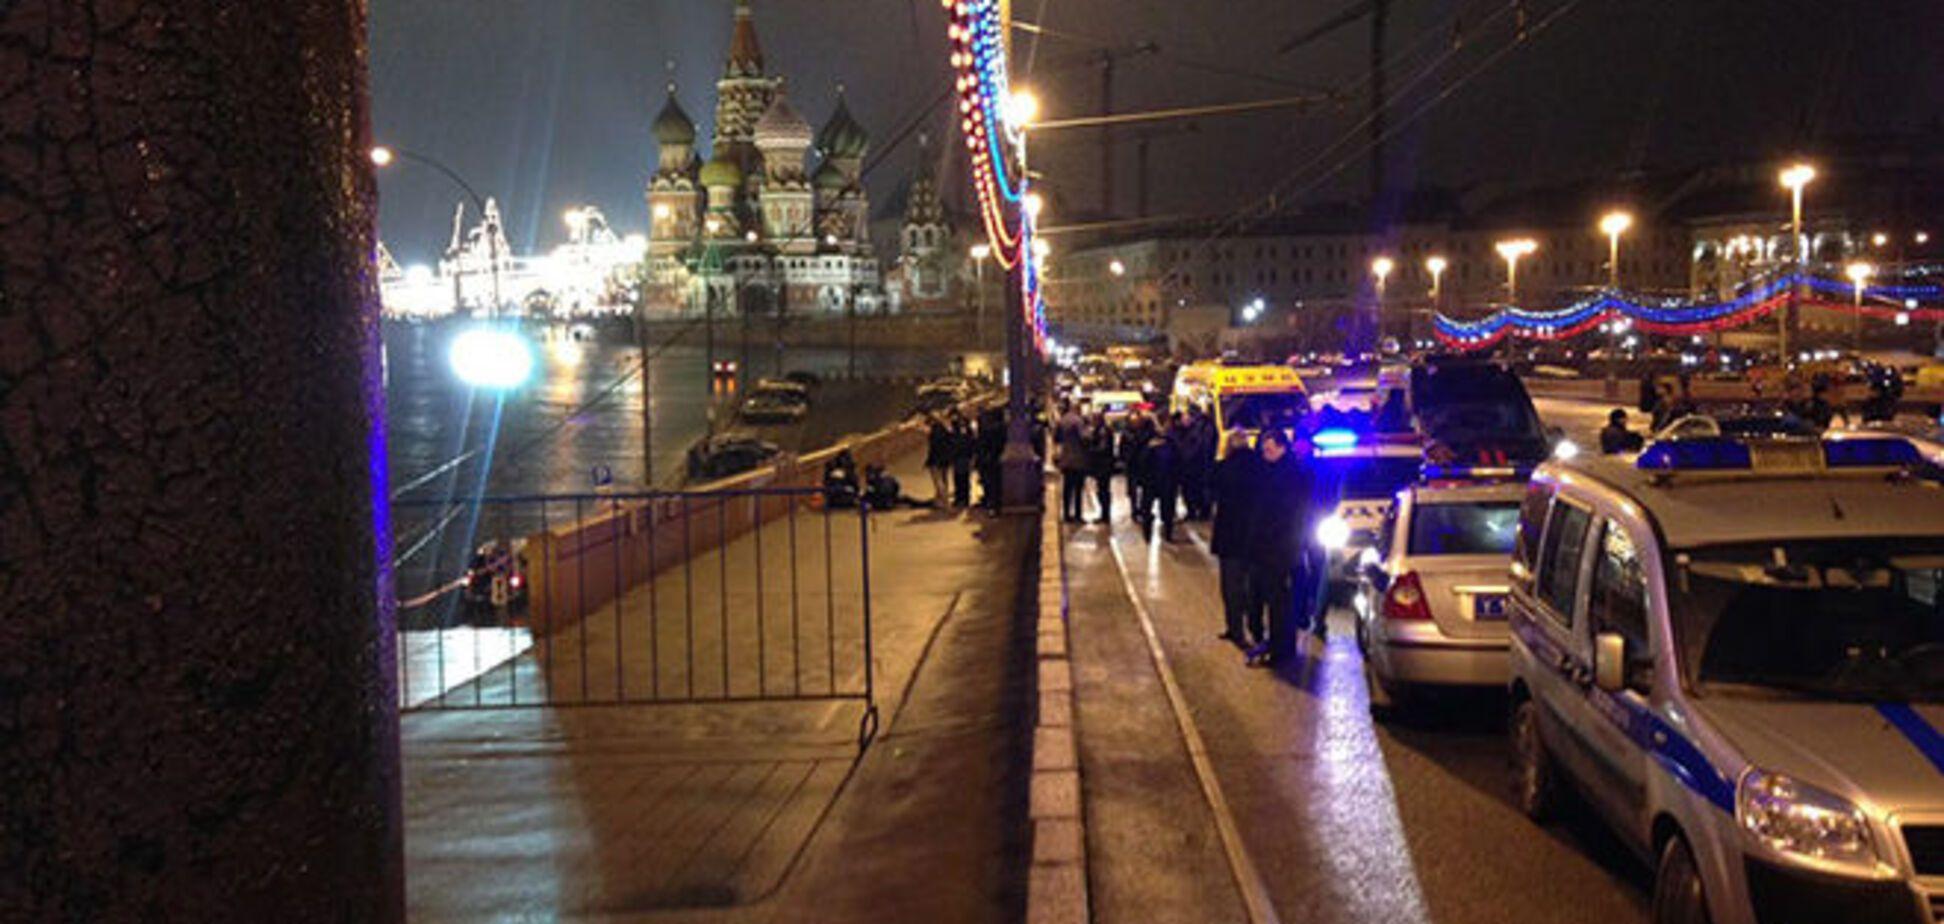 В Немцова стреляли не менее восьми раз - Следком России